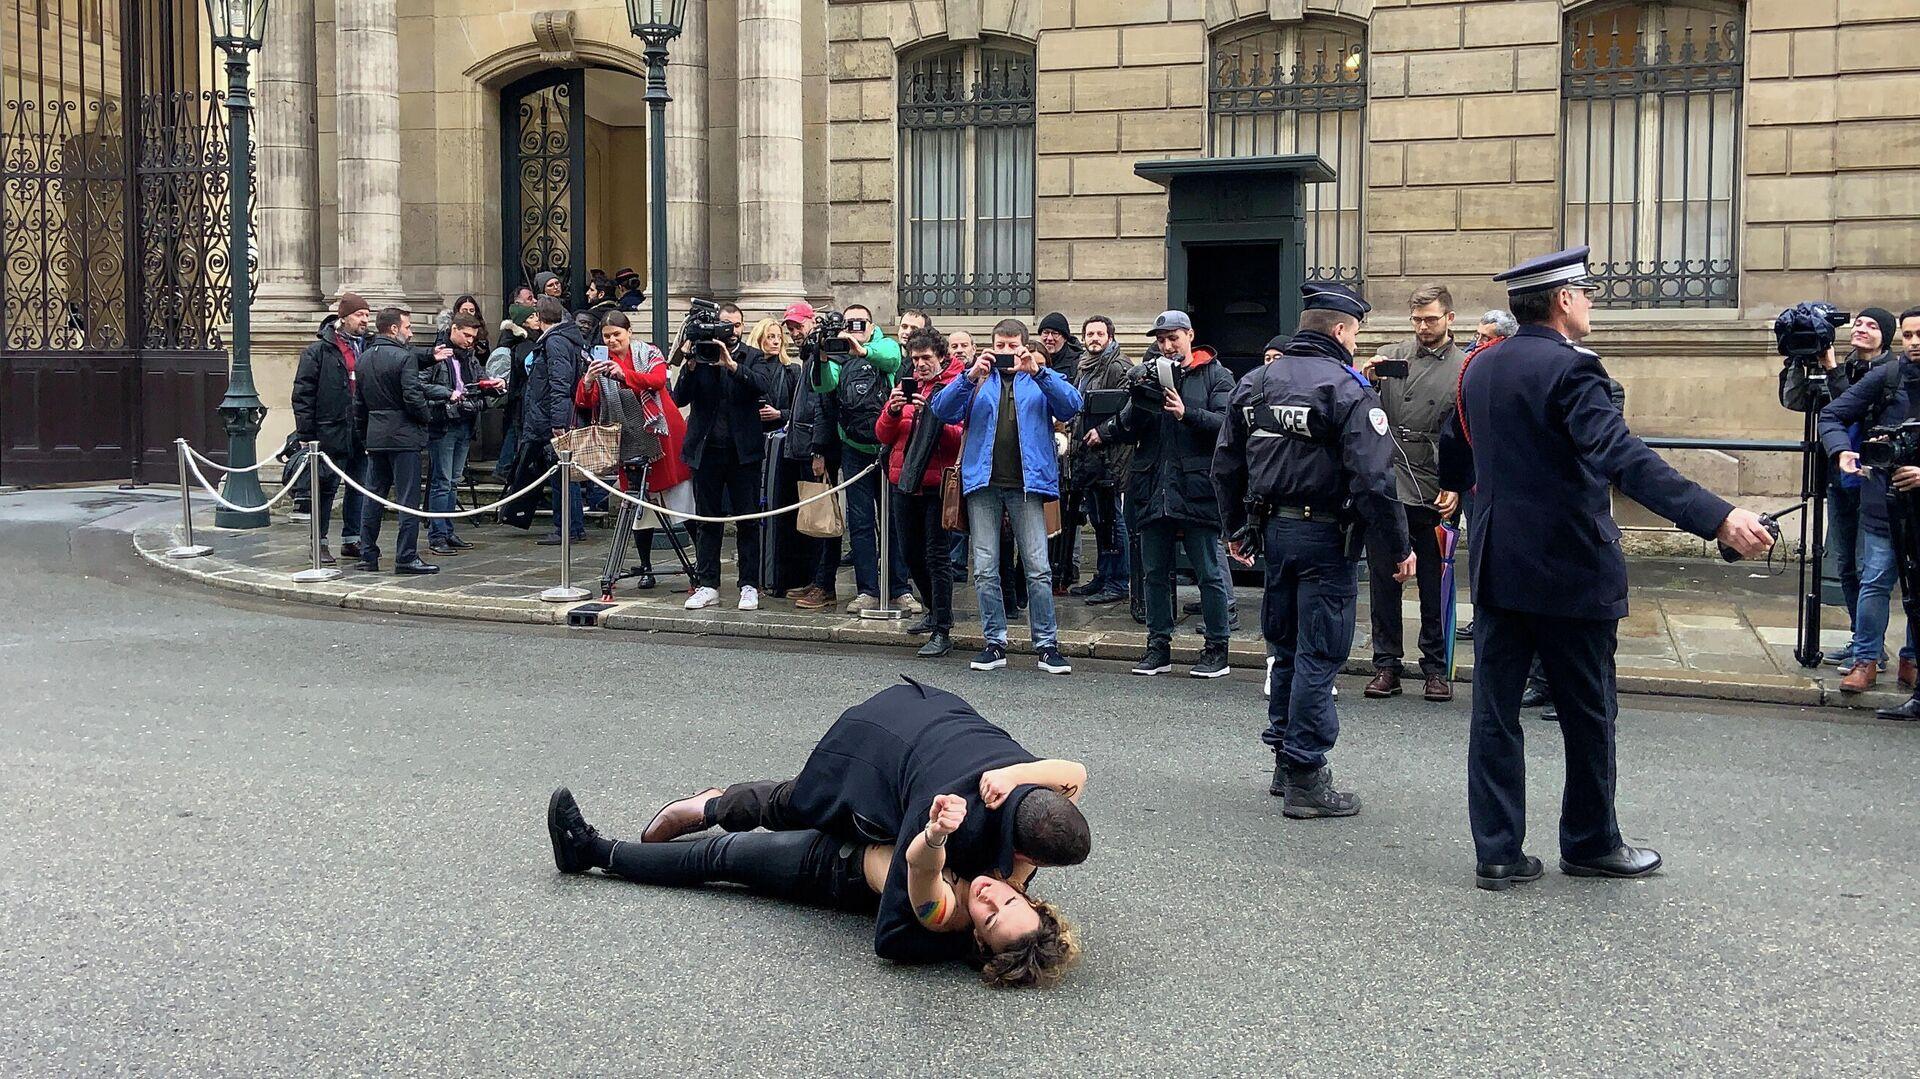 Акция Femen перед Елисейским дворцом в Париже. 9 декабря 2019 - РИА Новости, 1920, 09.12.2019